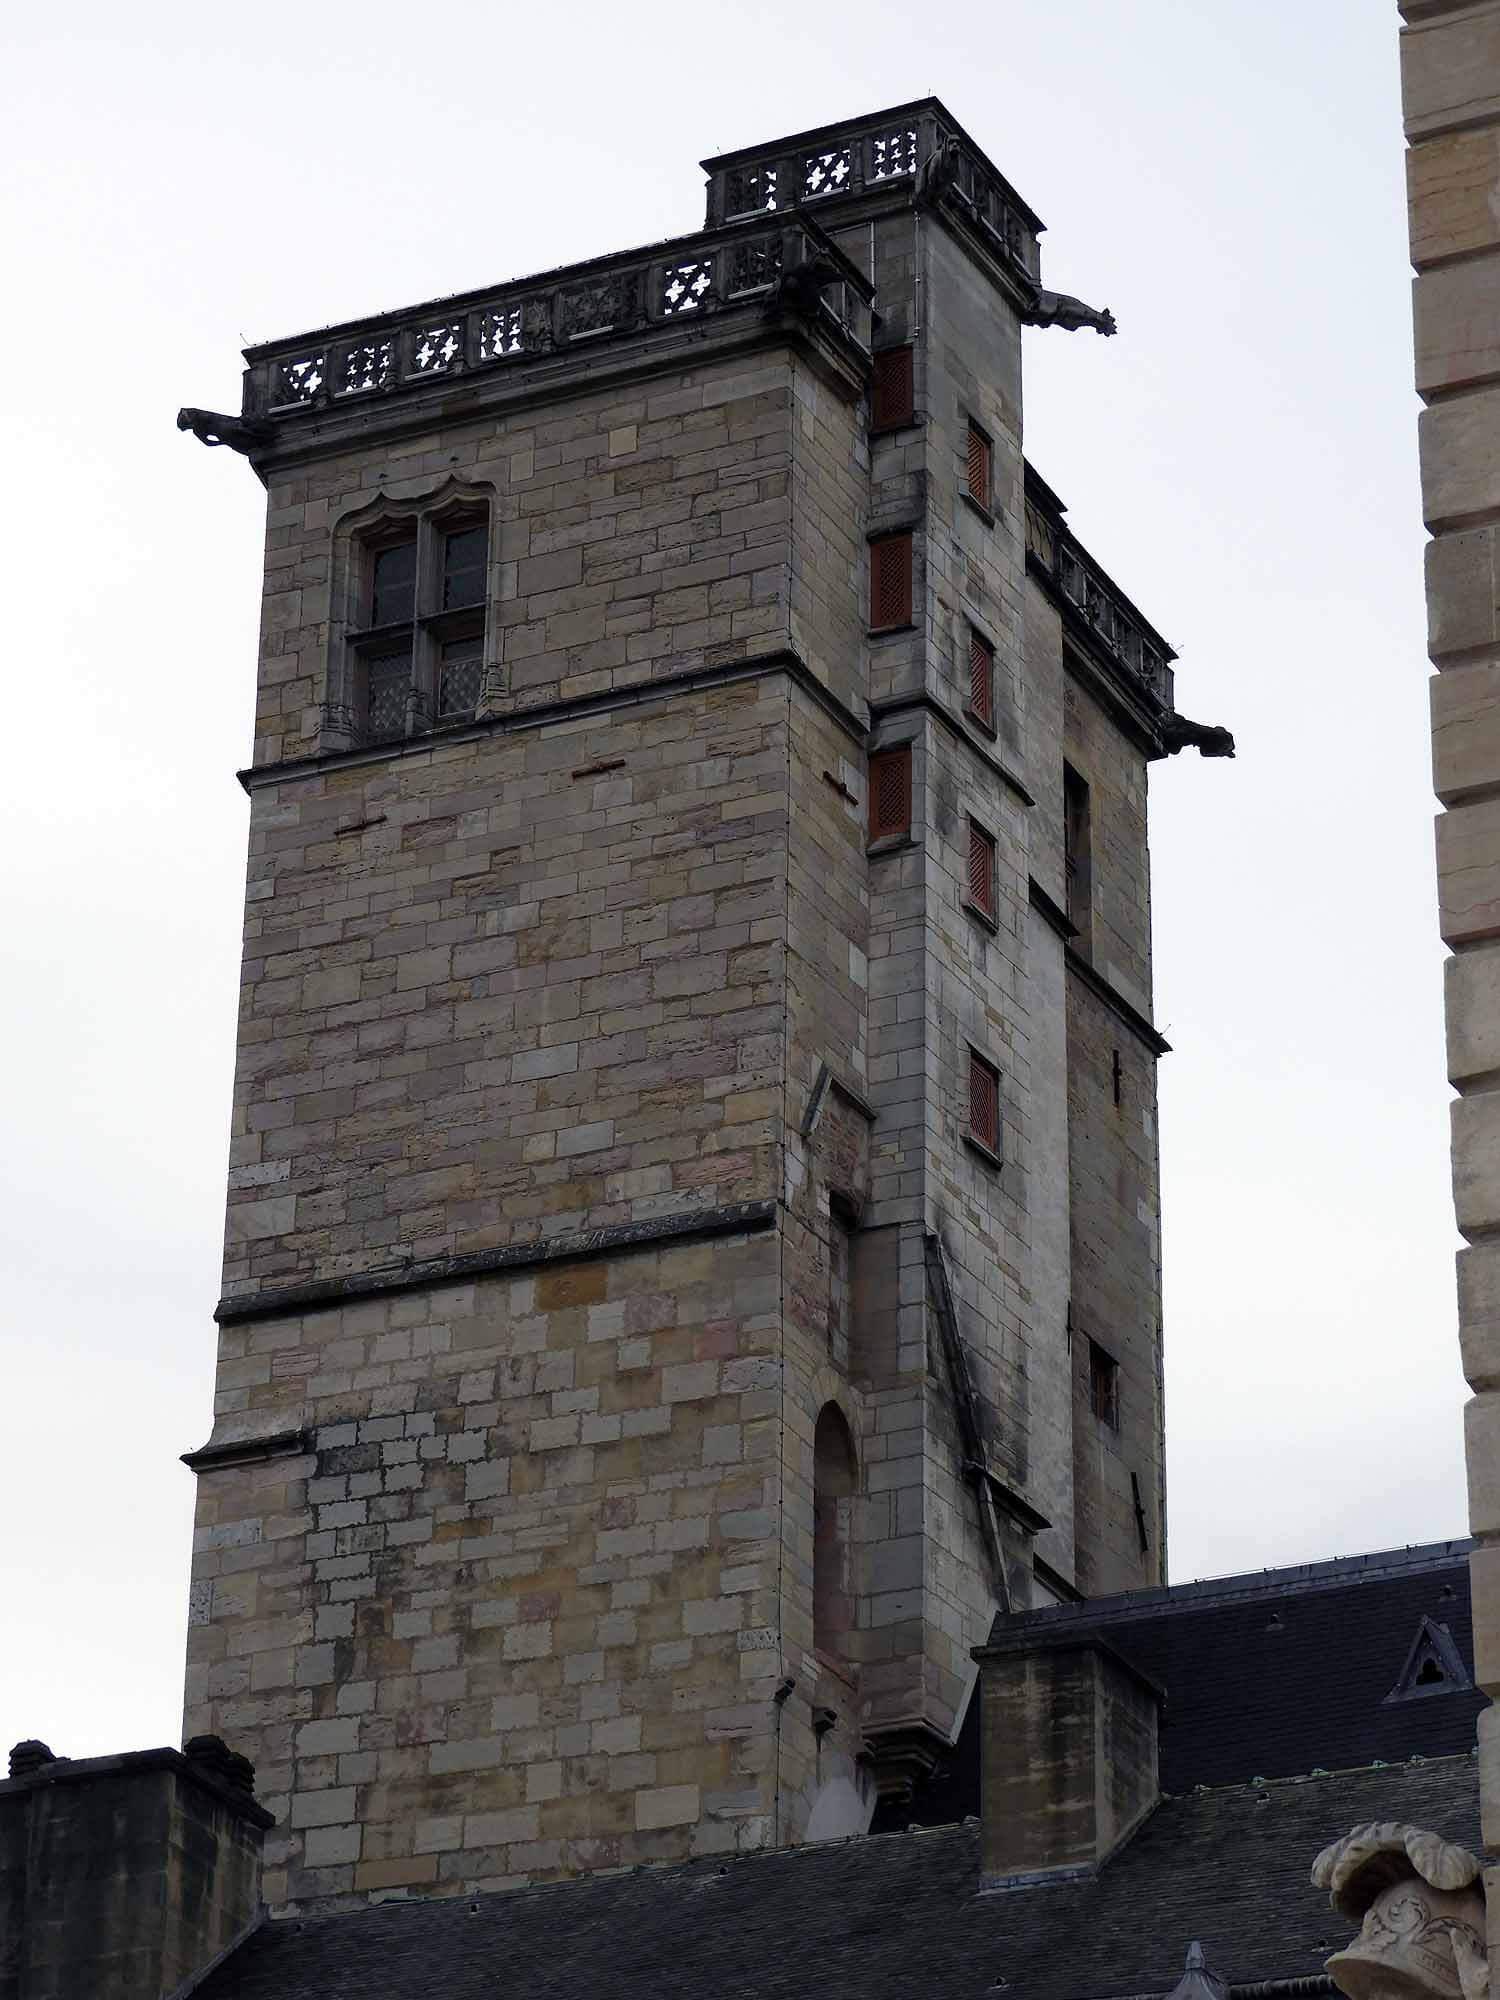 france-dijon-tower.JPG